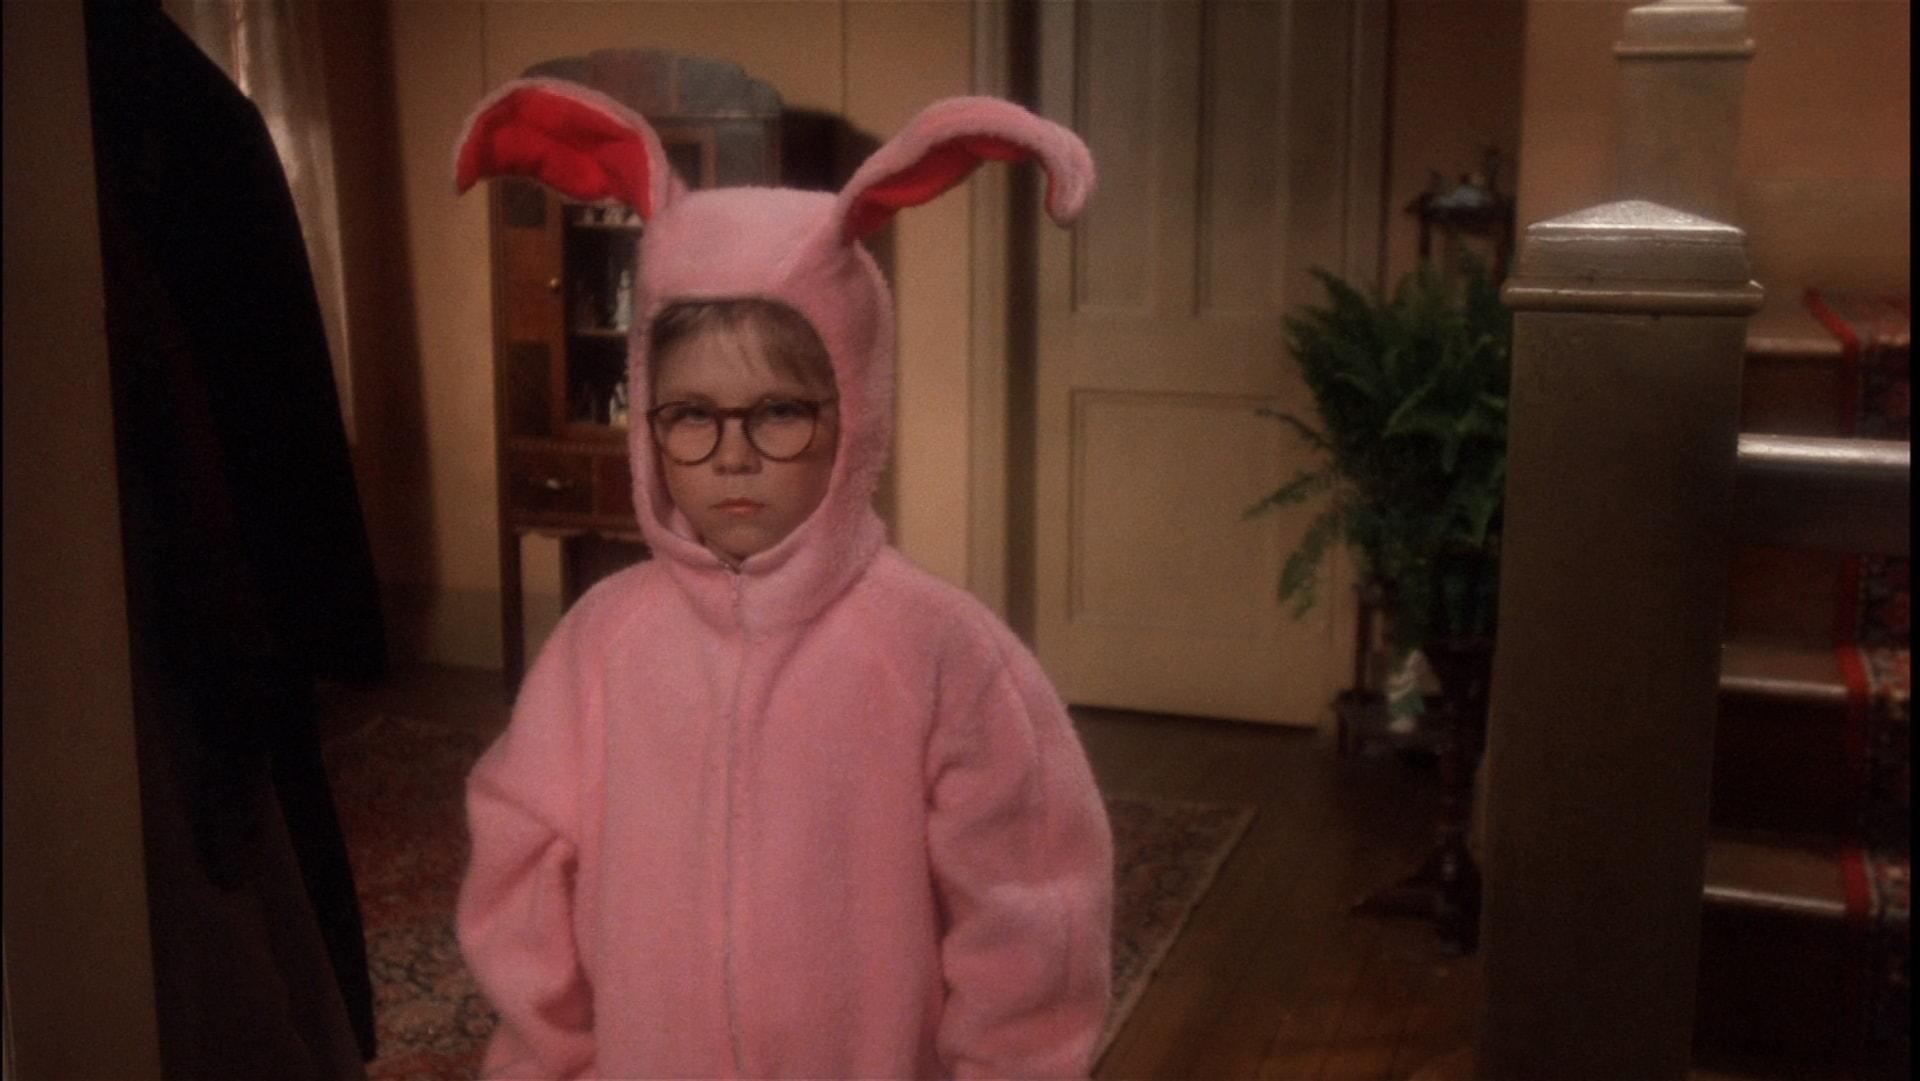 Ralphie wearing bunny pajamas